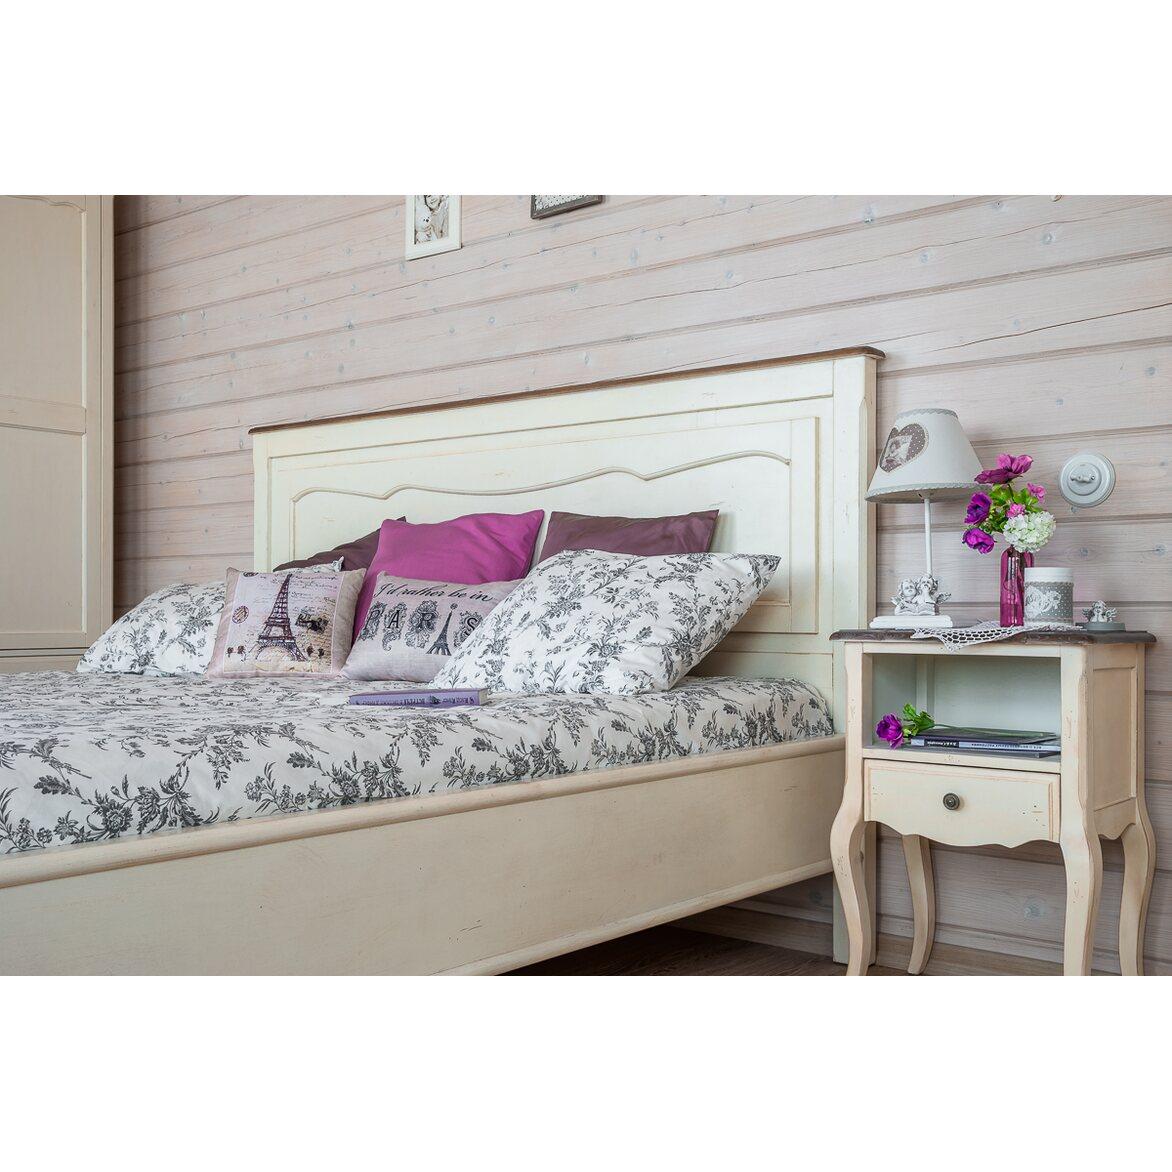 Кровать двуспальная Евро 180*200 Leontina, бежевого цвета 2   Двуспальные кровати Kingsby